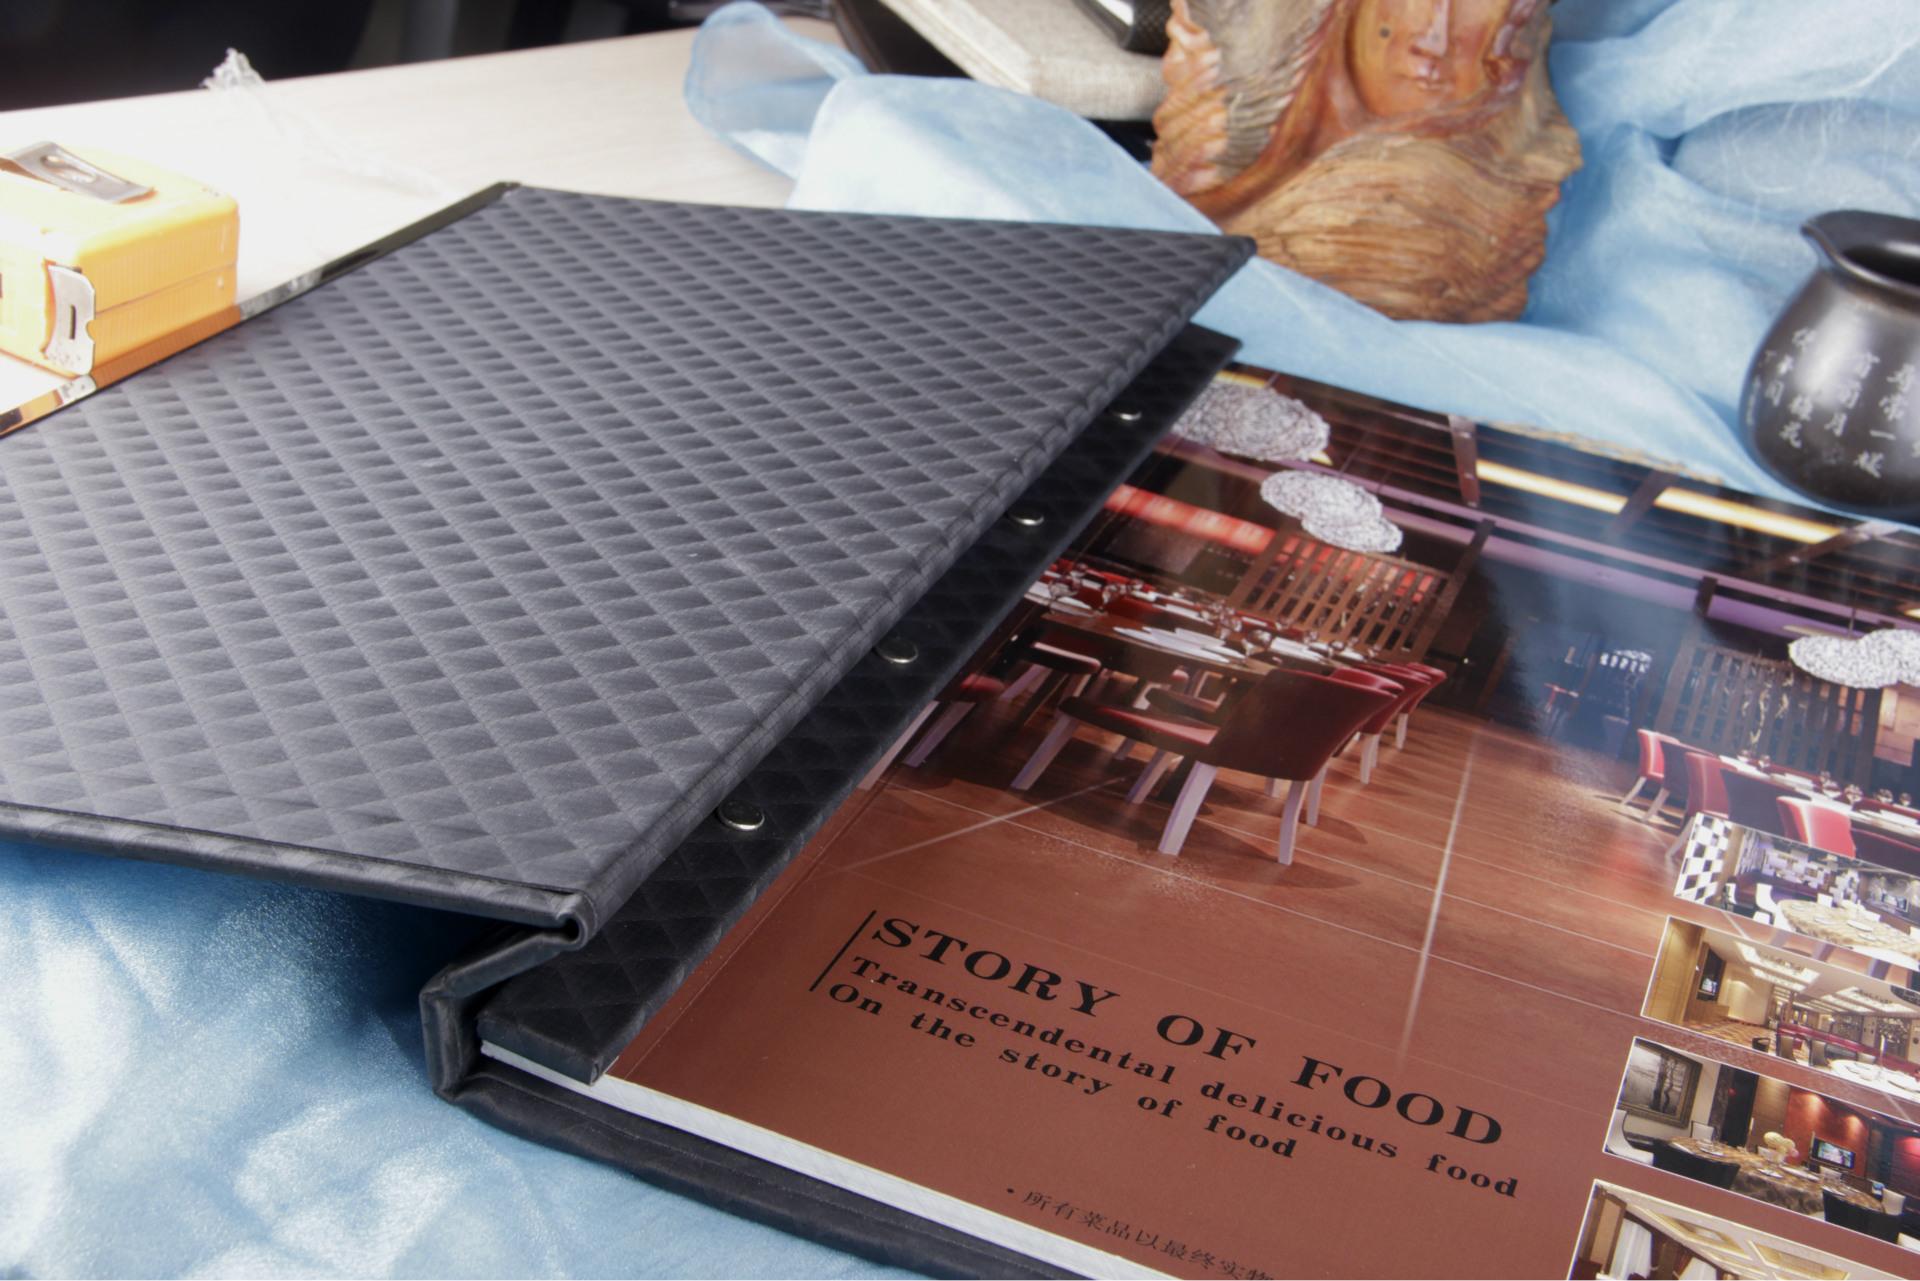 【菜谱菜谱菜谱可以痤疮设计酒店印刷海苔装酒楼定制吃菜谱图片